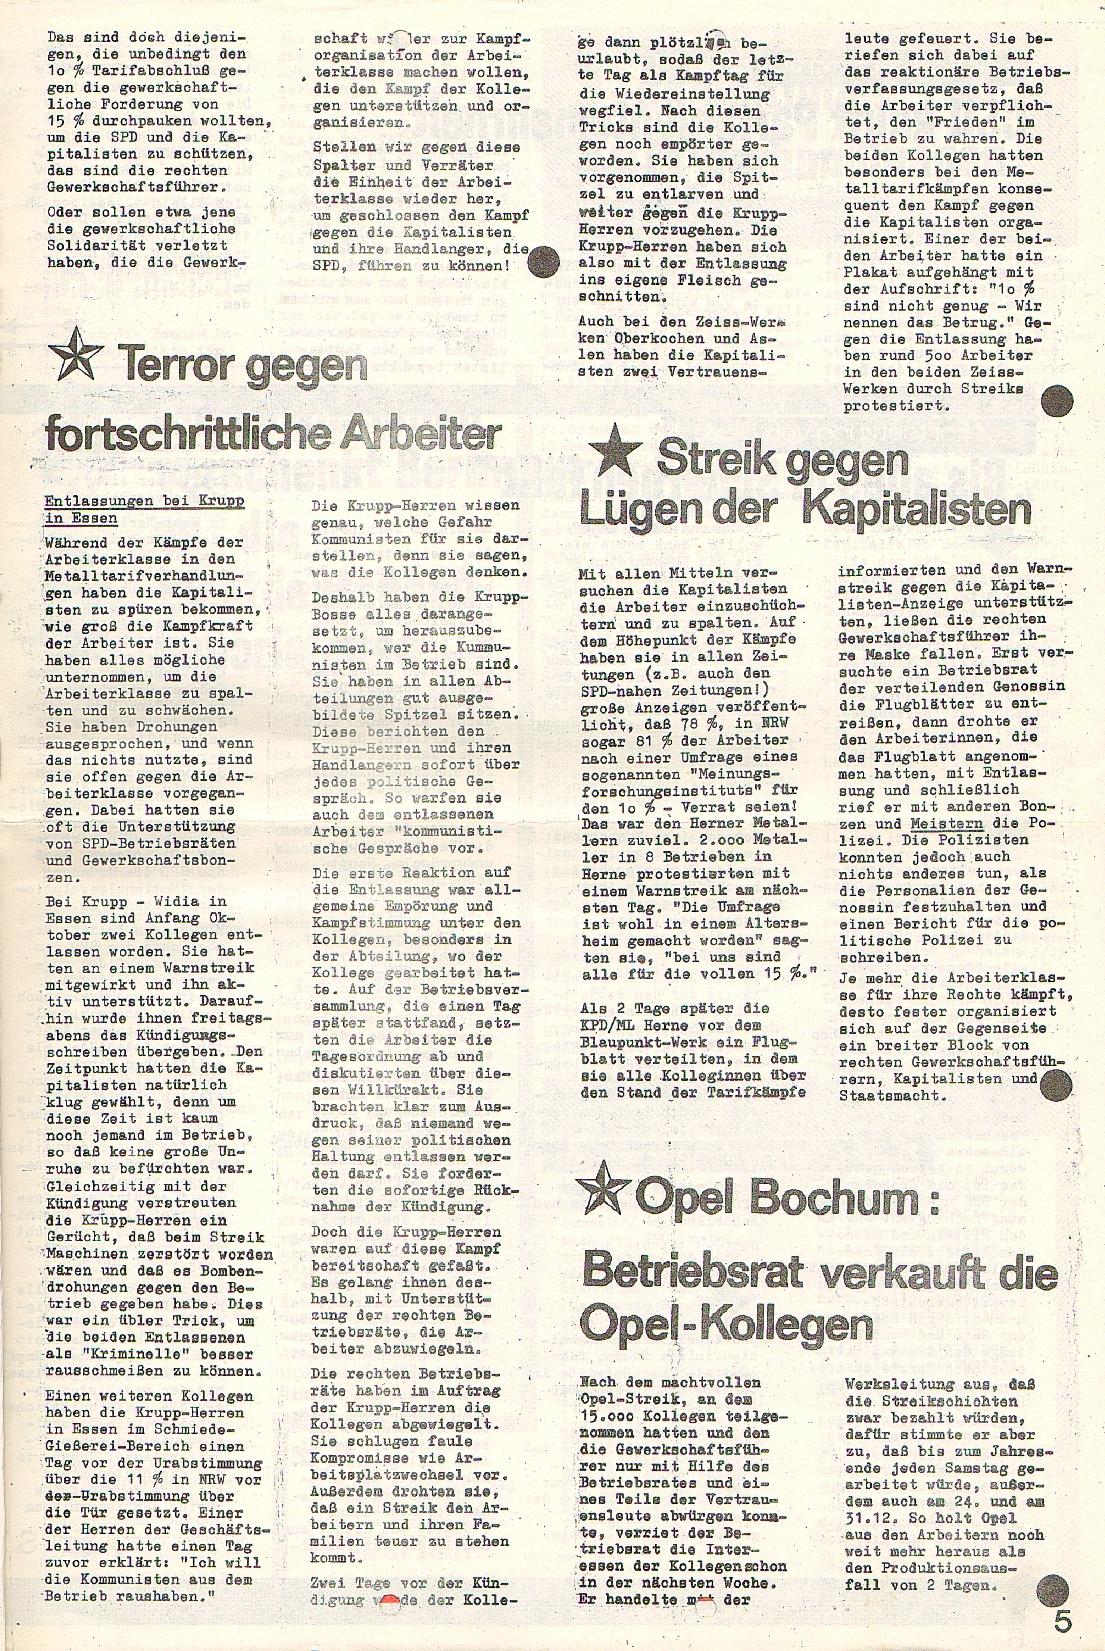 Rote Fahne, 1. Jg., 23.11.1970, Nr. 4, Seite 5